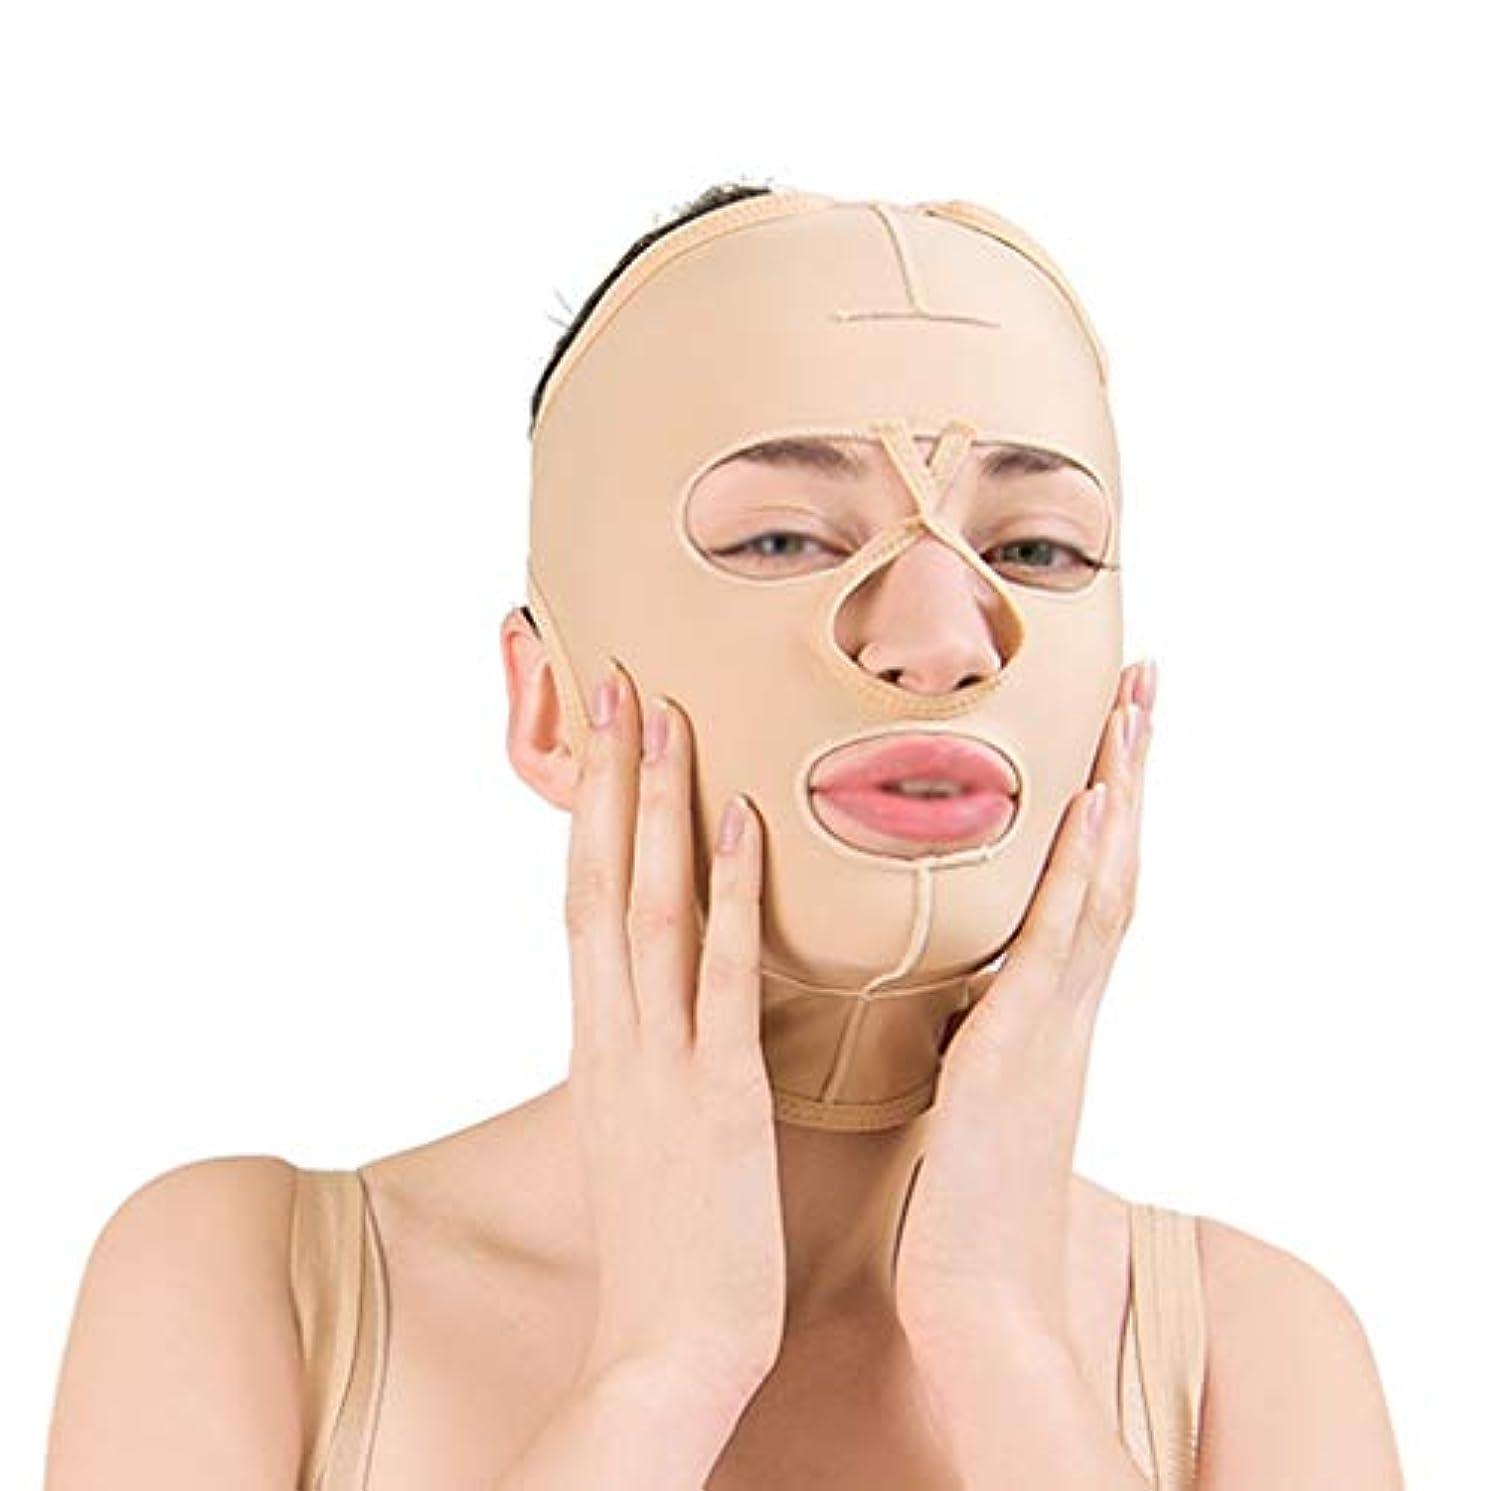 修正するどれか雇用XHLMRMJ フェイススリミングマスク、フェイスバンデージ付きフェイシャル減量マスク、通気性フェイスリフト、引き締め、フェイスリフティング (Size : S)